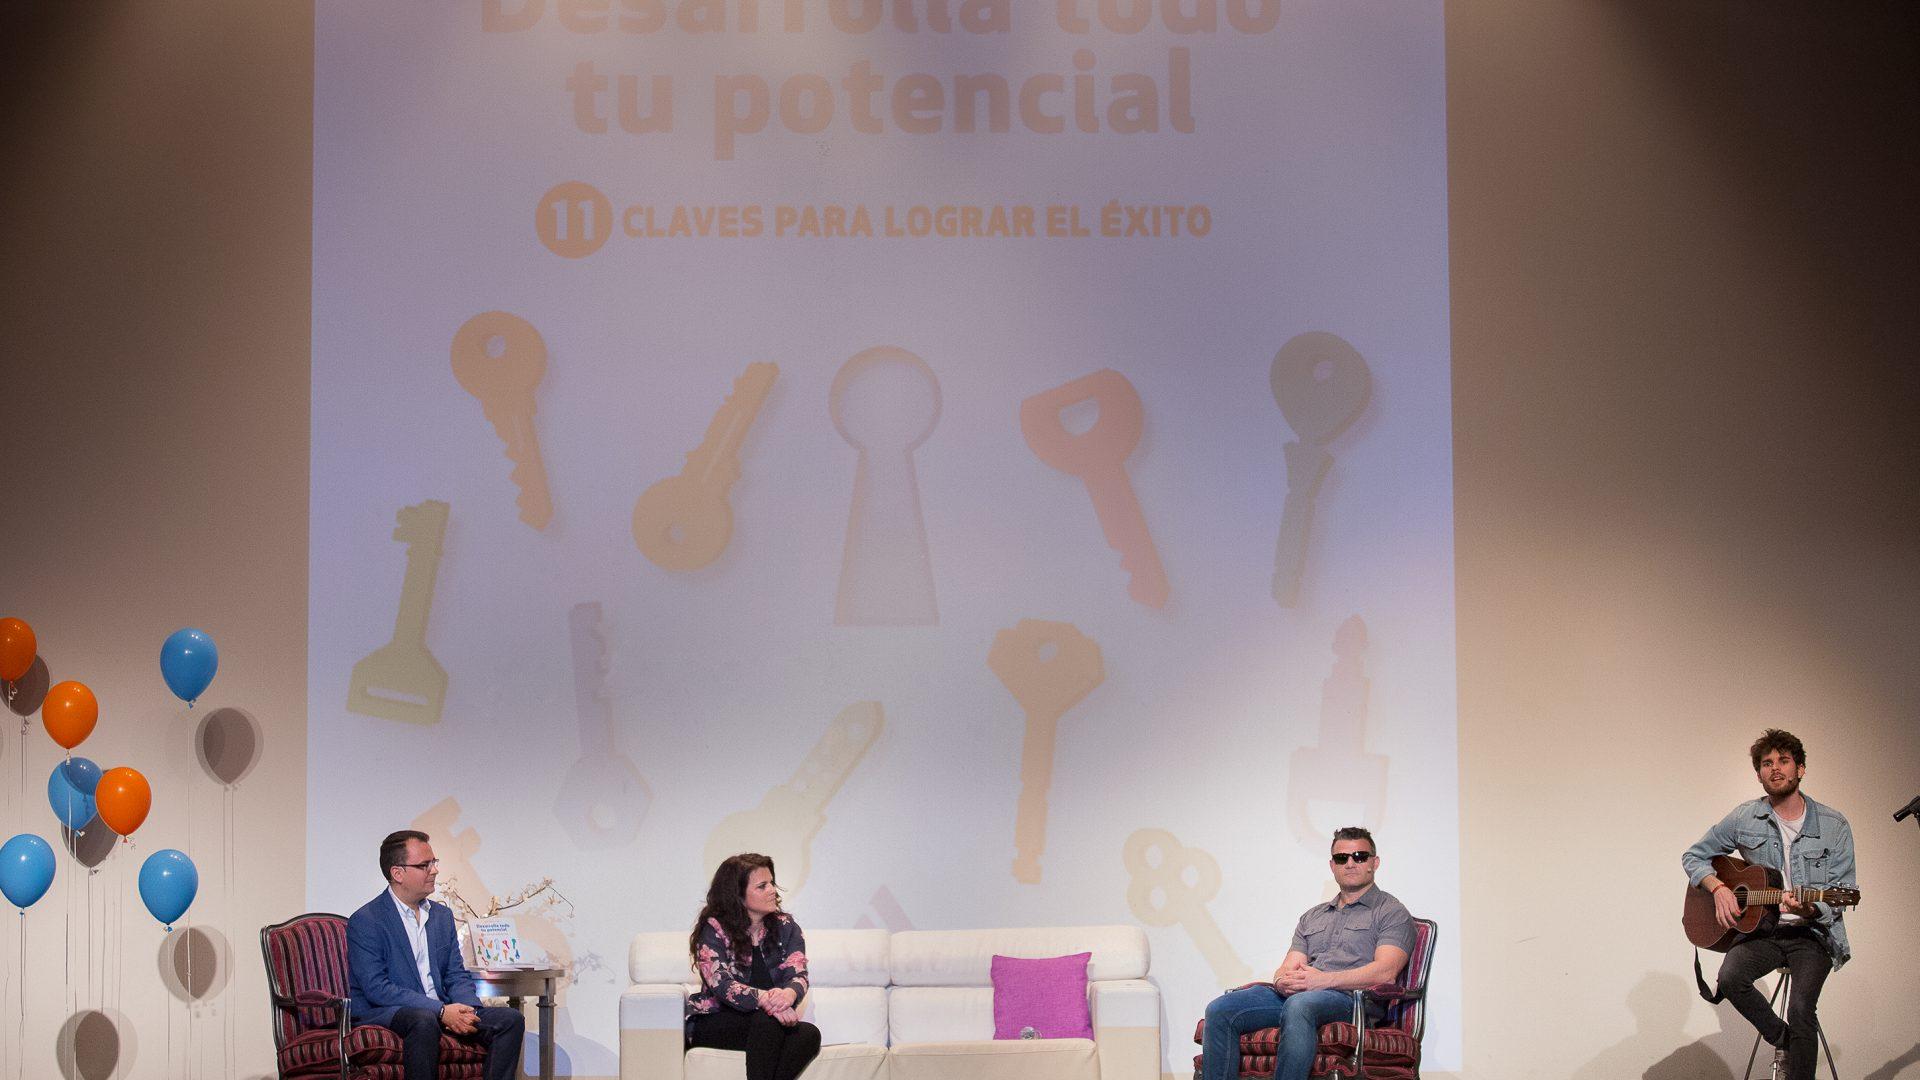 Pedro Martínez presentó con éxito su tercer libro en el auditorio de Iniesta